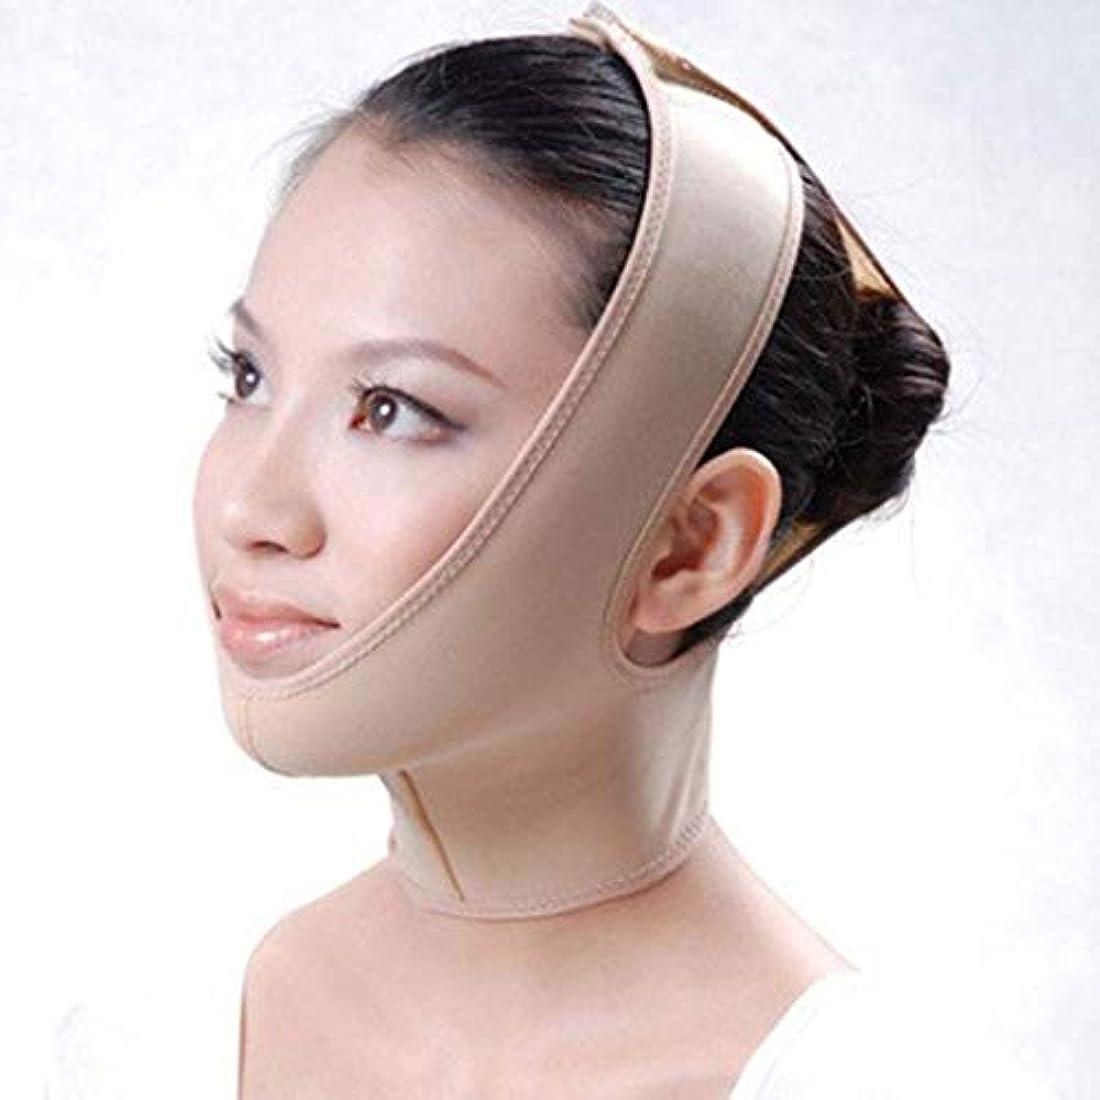 ステップ構成する棚フェイスリフティングマスク、リフティングフェイス付きVフェイス、ラインリフティング包帯、ほっそりスリム、痩身のあごのマスク/あごの通気性のあご (XL)